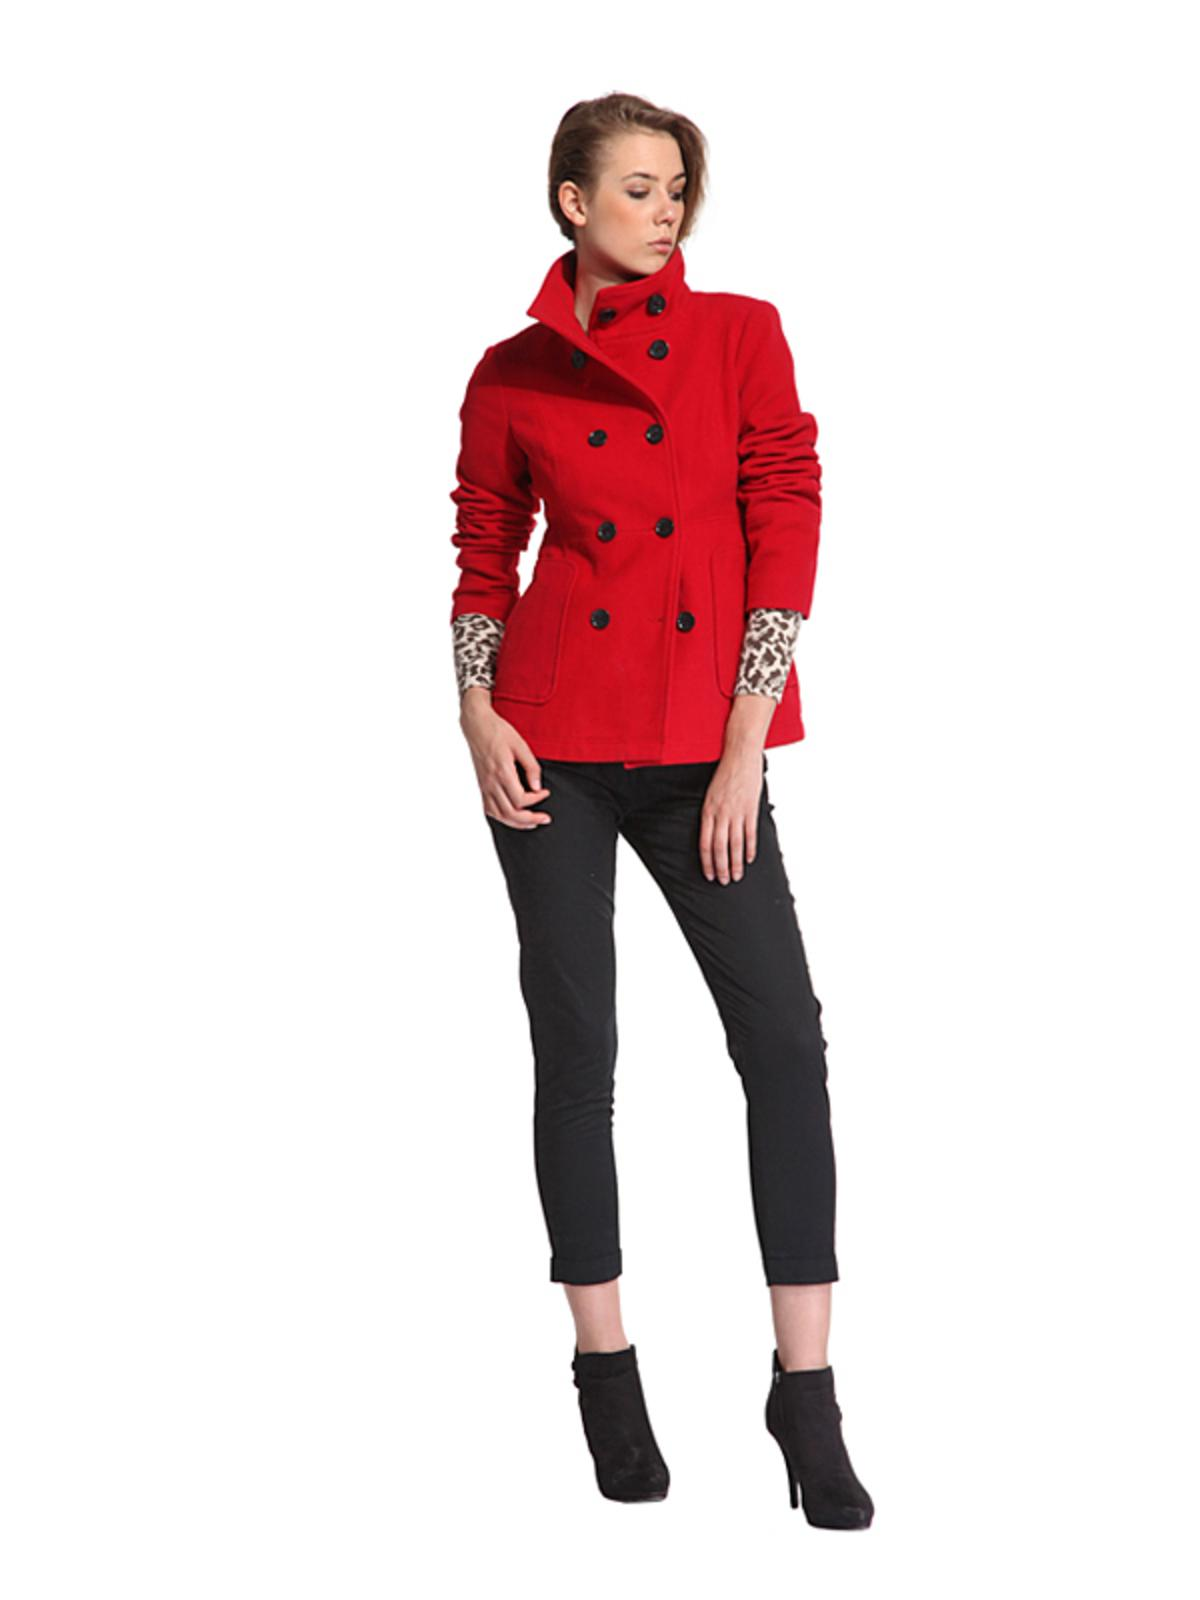 5f7629b3e0f4 Kurtki i płaszcze Top Secret na jesień i zimę 2013 14. czerwony płaszcz Top  Secret - moda ...